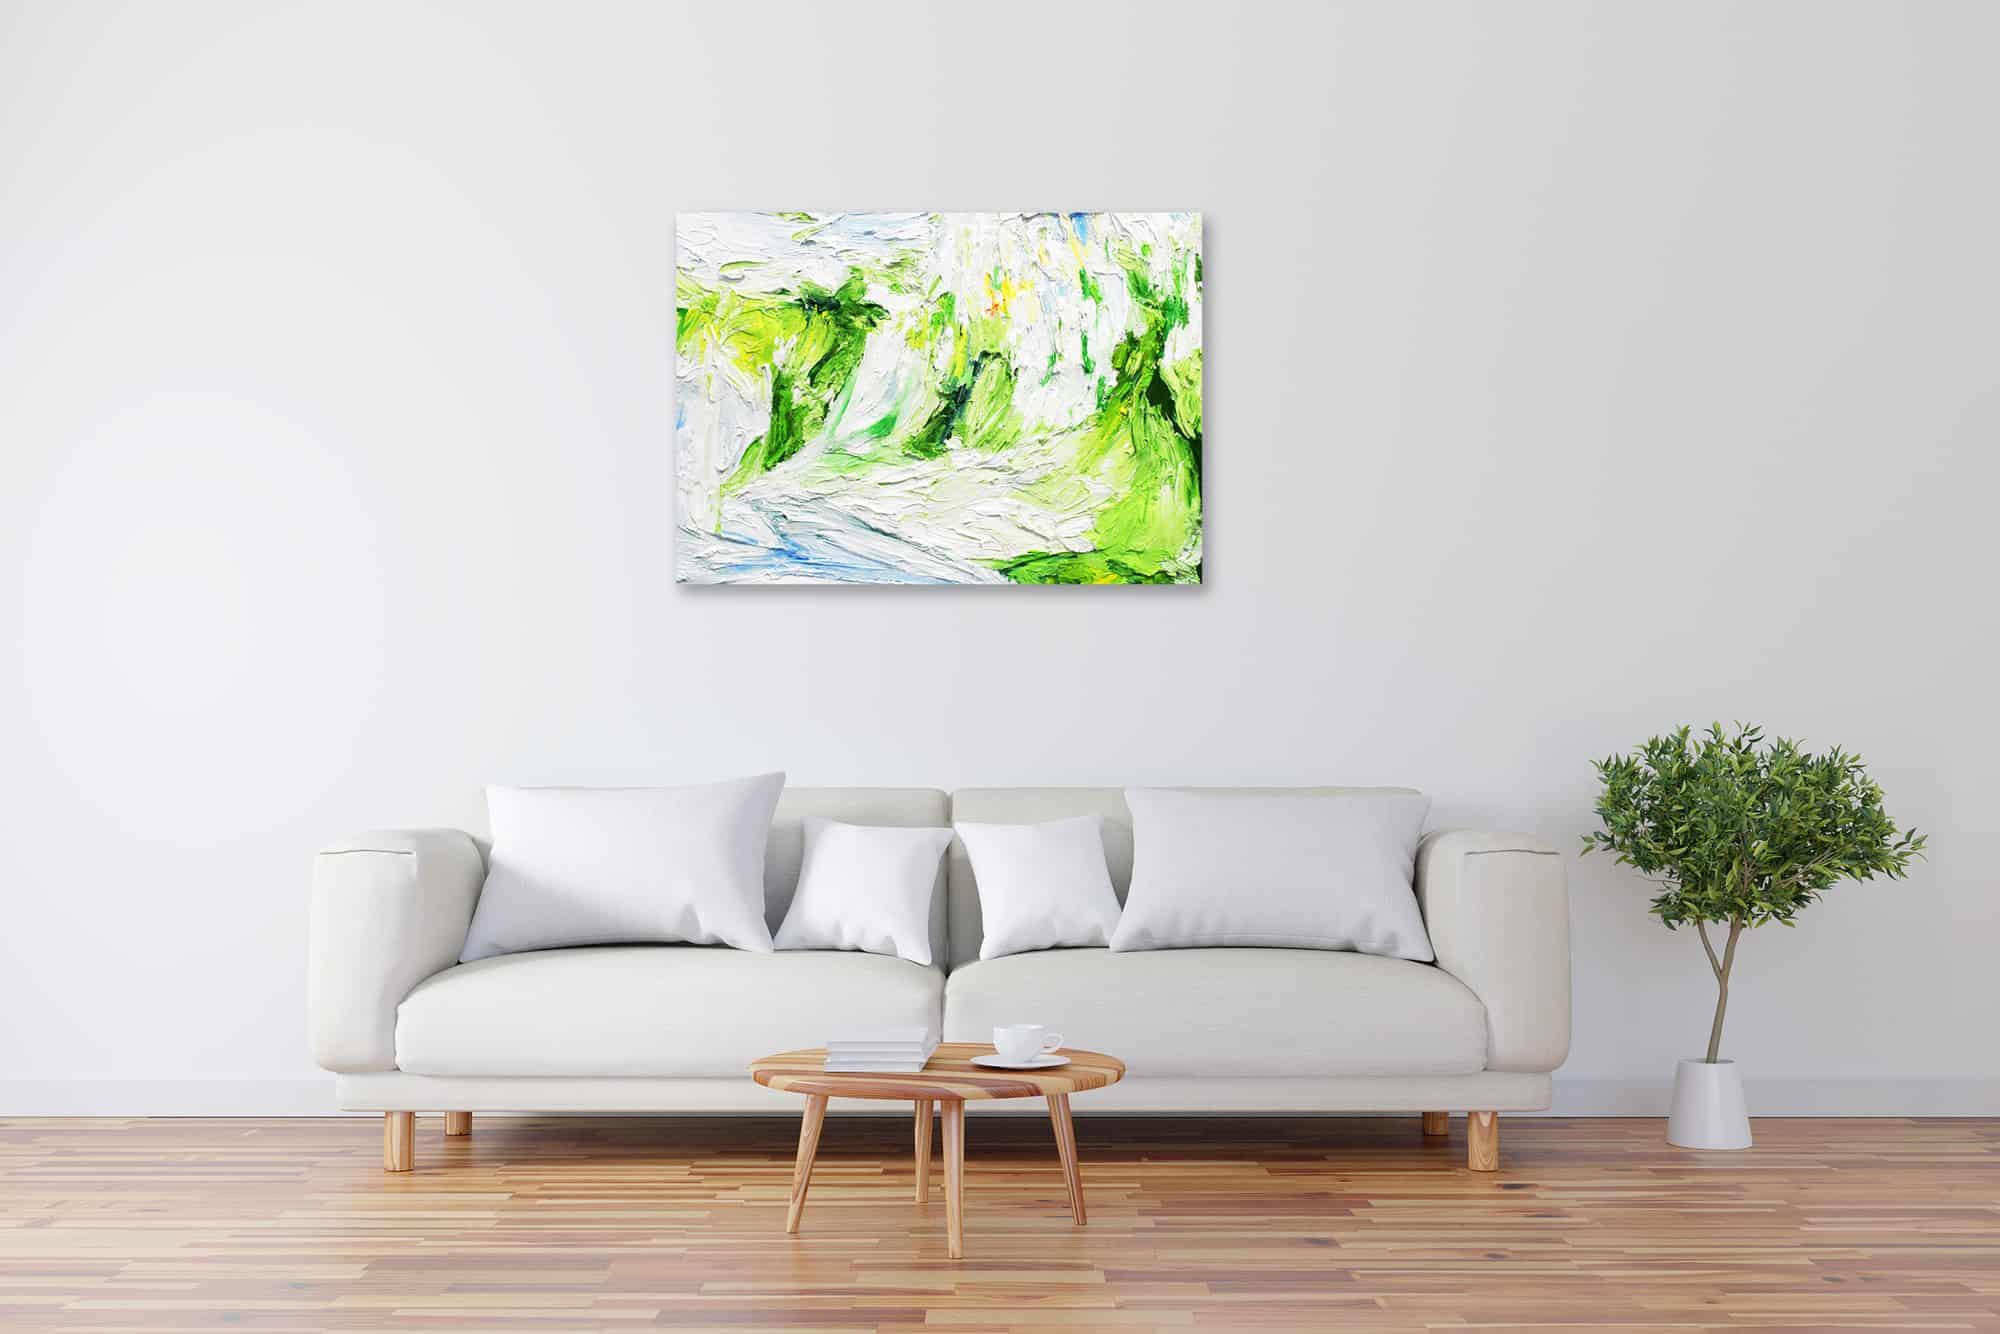 Acryl Gemälde abstraktes helles Grün mit Weiß bild kaufen